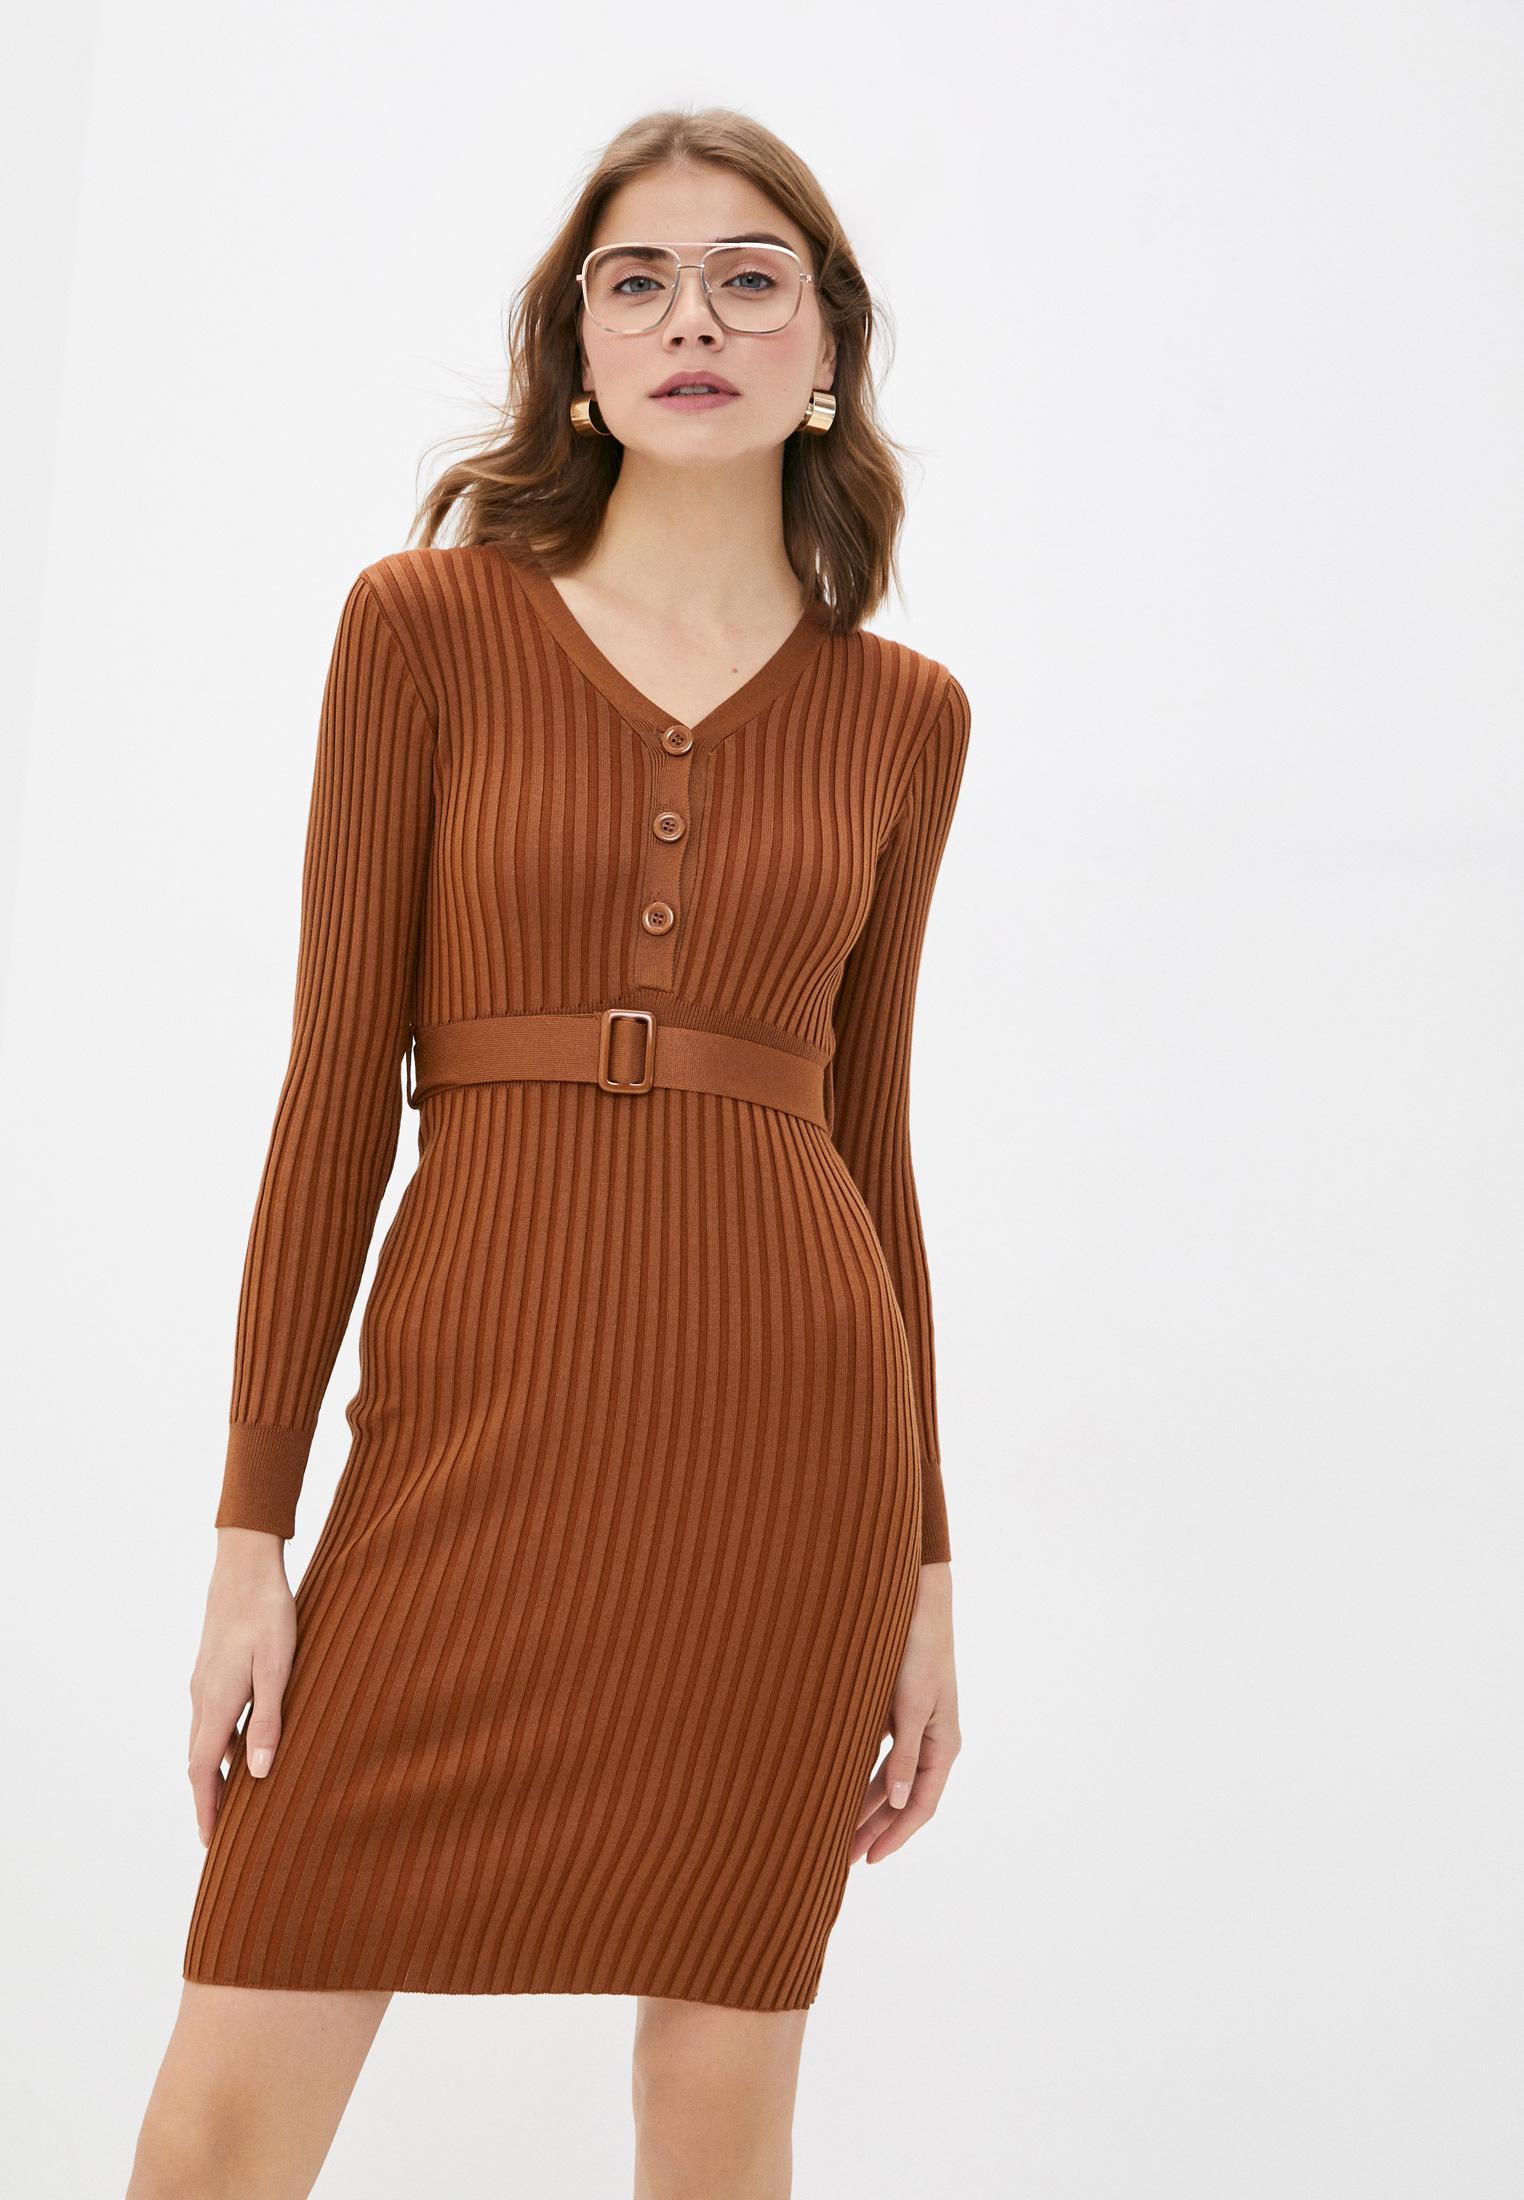 Вязаное платье Bigtora 9966: изображение 1